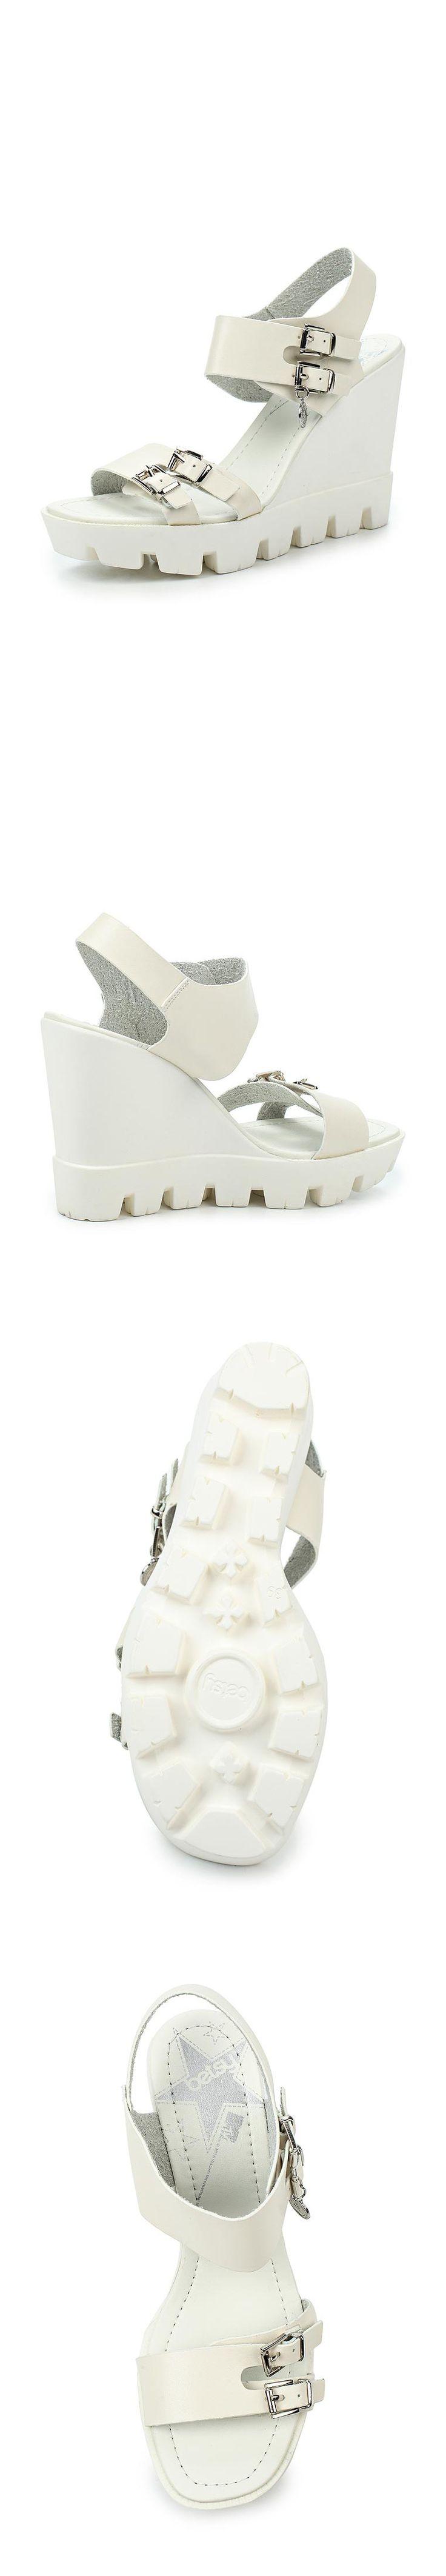 Женская обувь босоножки Betsy за 2690.00 руб.